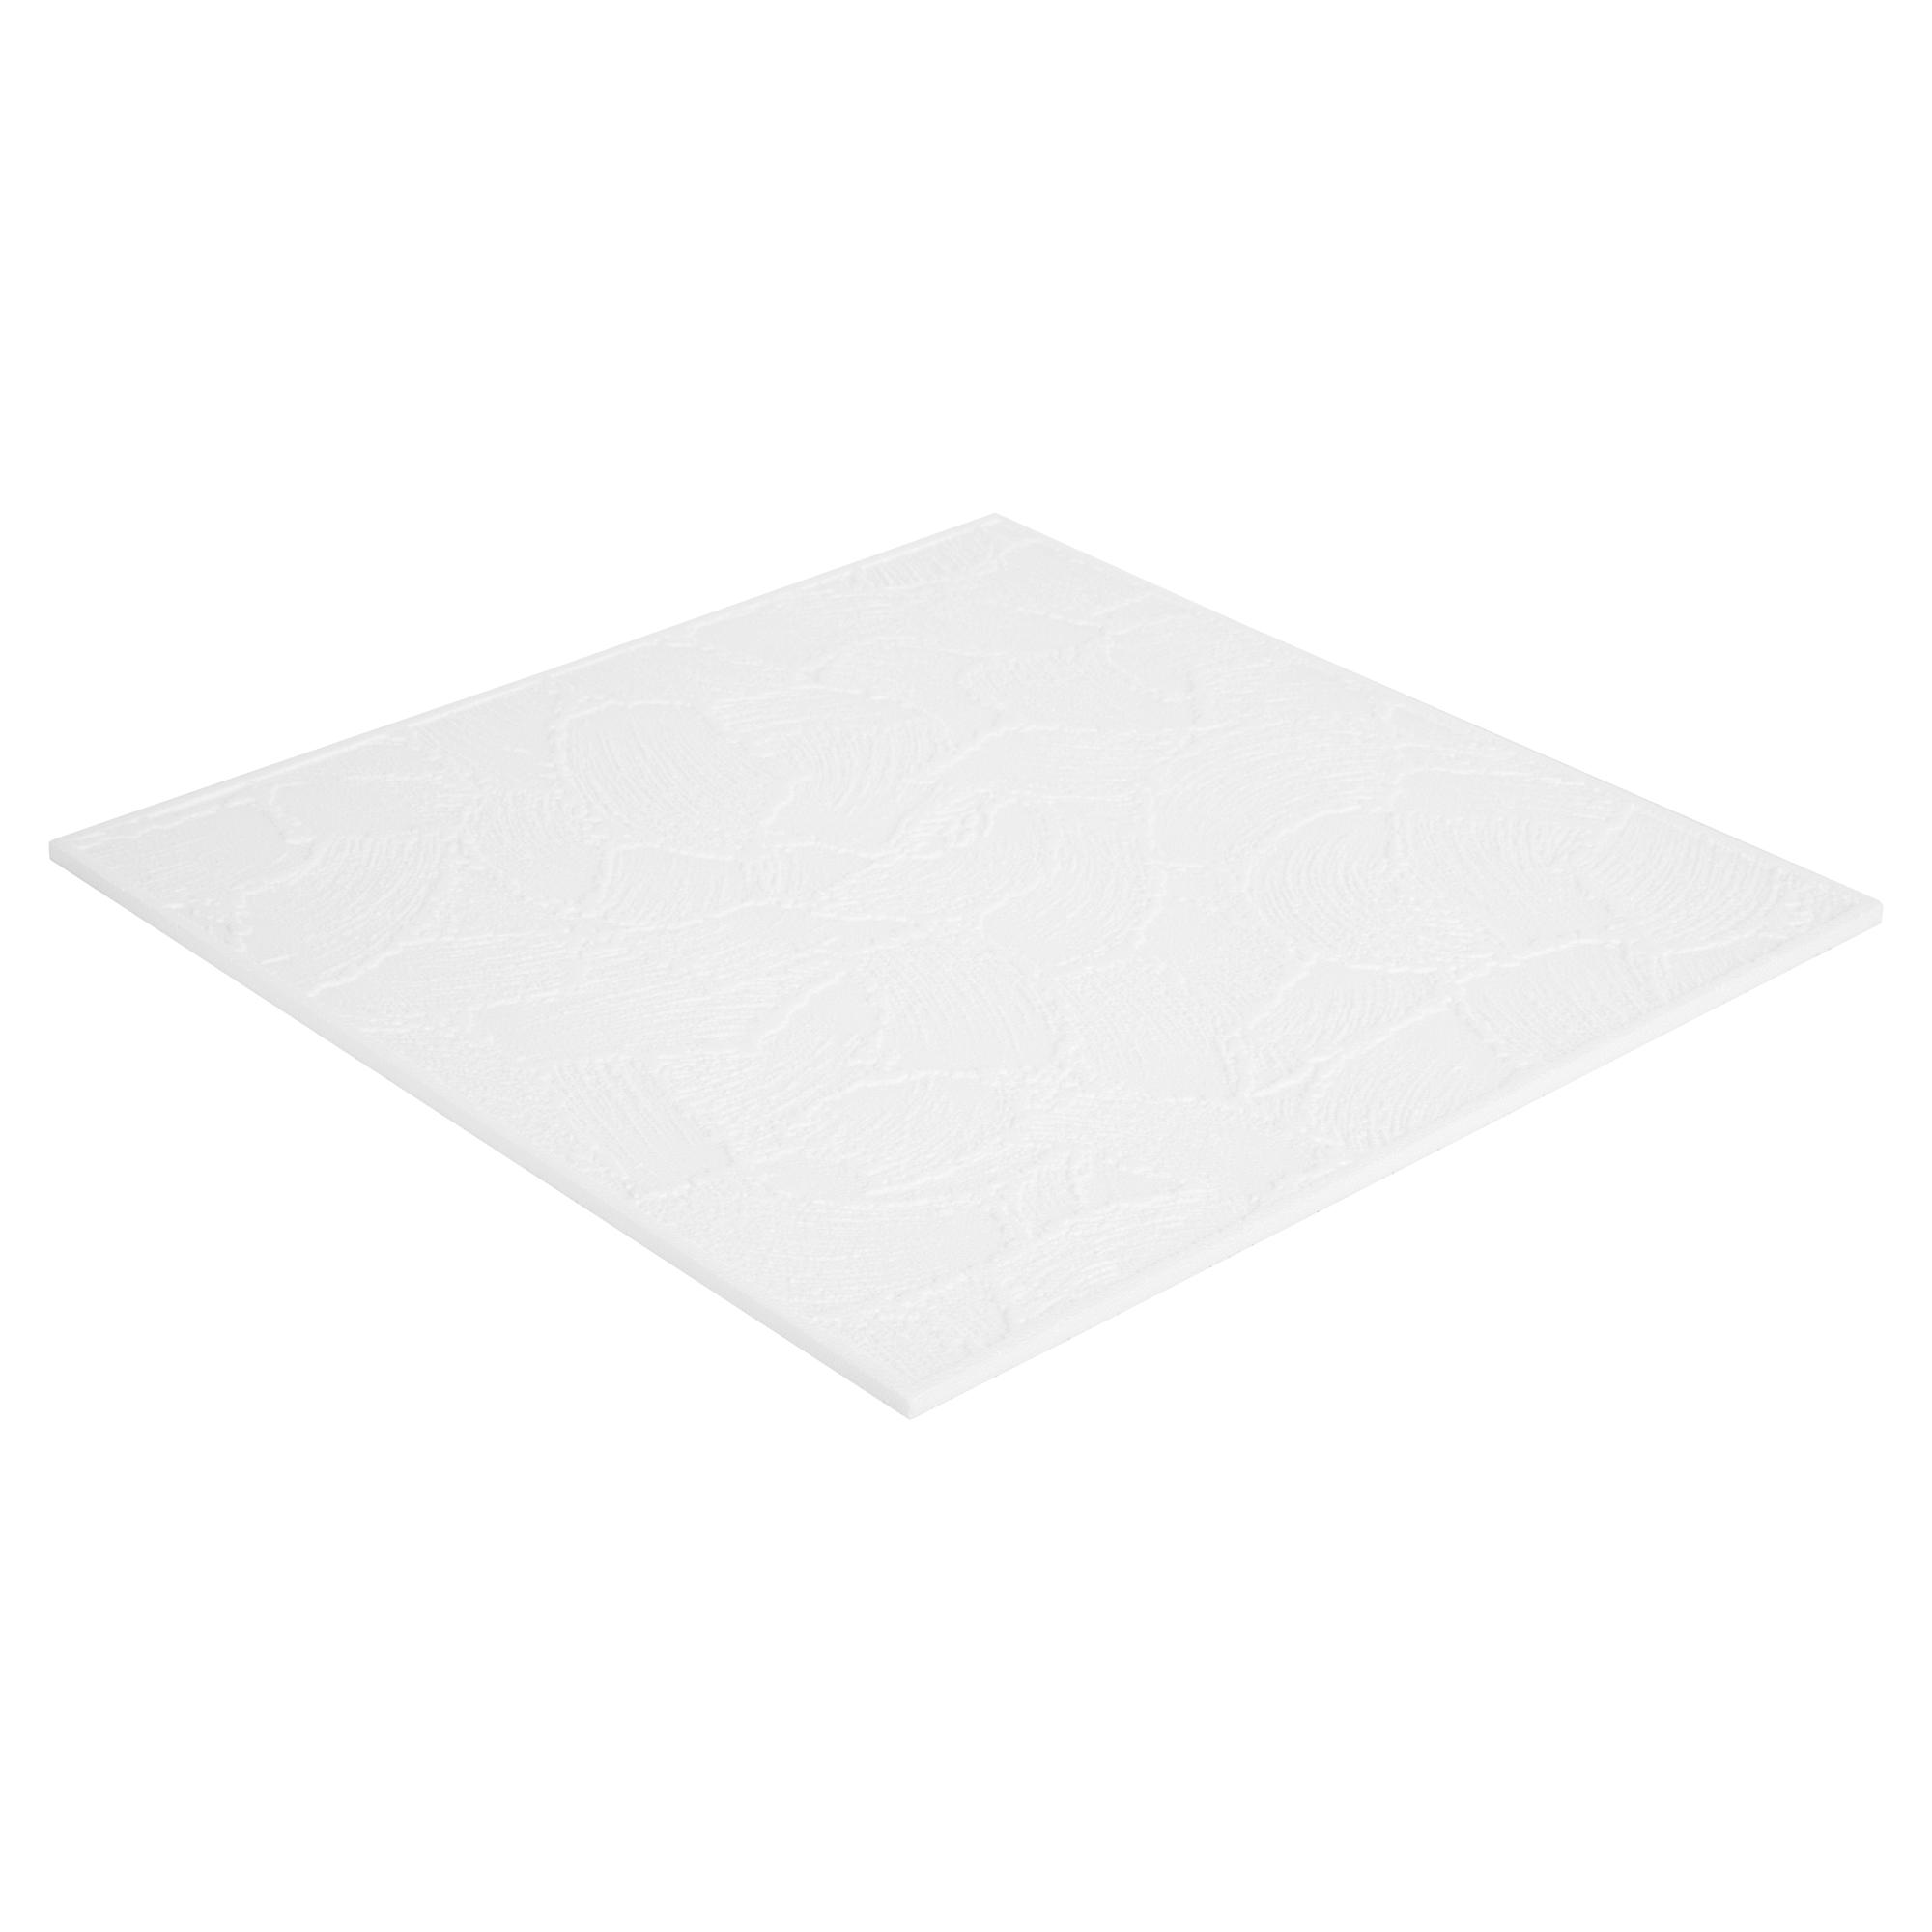 Deckenplatten weiß 20 m² 20 Stück